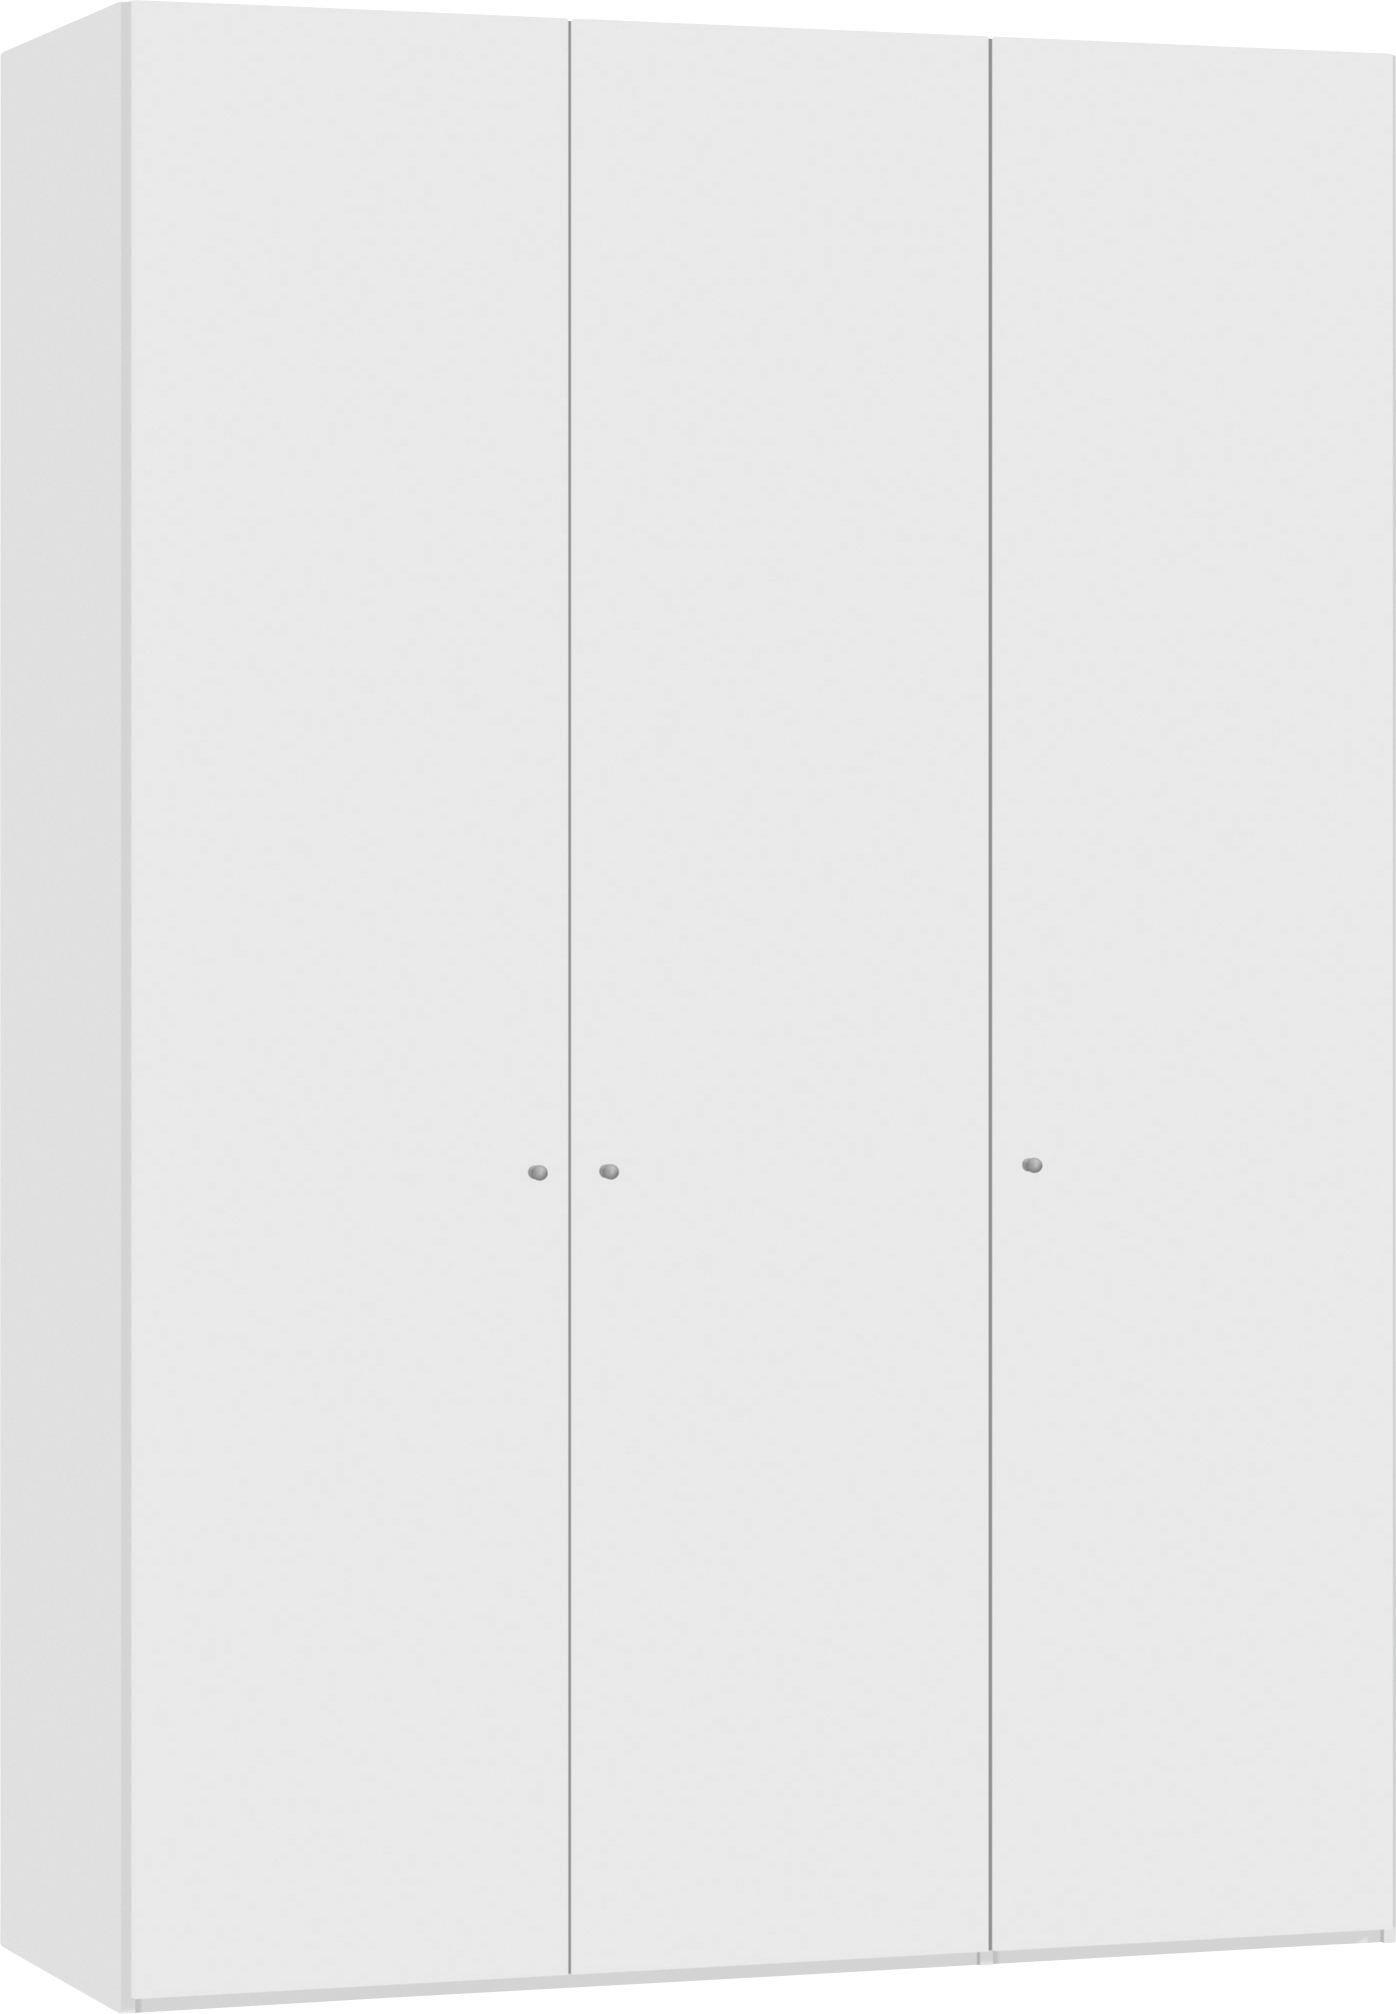 DREHTÜRENSCHRANK 3  -türig Weiß - Silberfarben/Weiß, Design, Holzwerkstoff/Metall (152,2/220/59cm) - JUTZLER